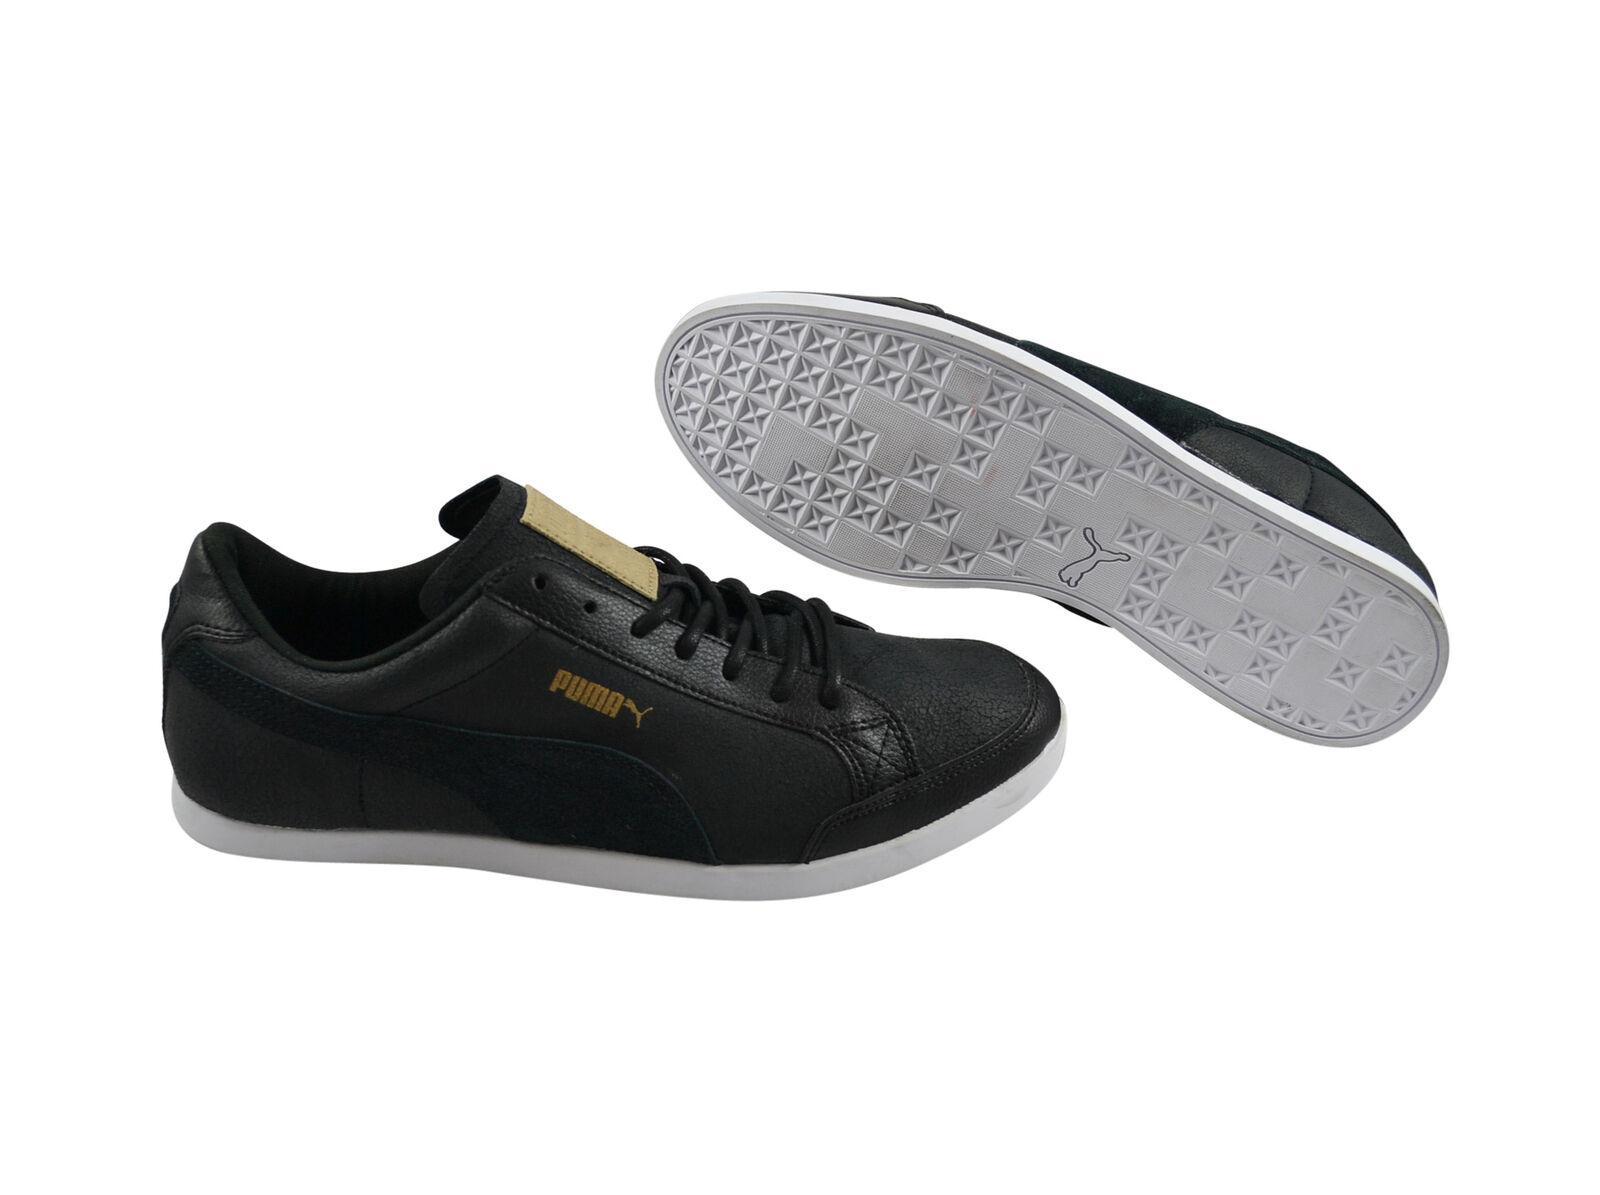 PUMA LOPRO bianca catskil citi Series nero bianca LOPRO Scarpe scarpe da  ginnastica 356657 01 NUOVO aff1d8 be1a3b9cb57